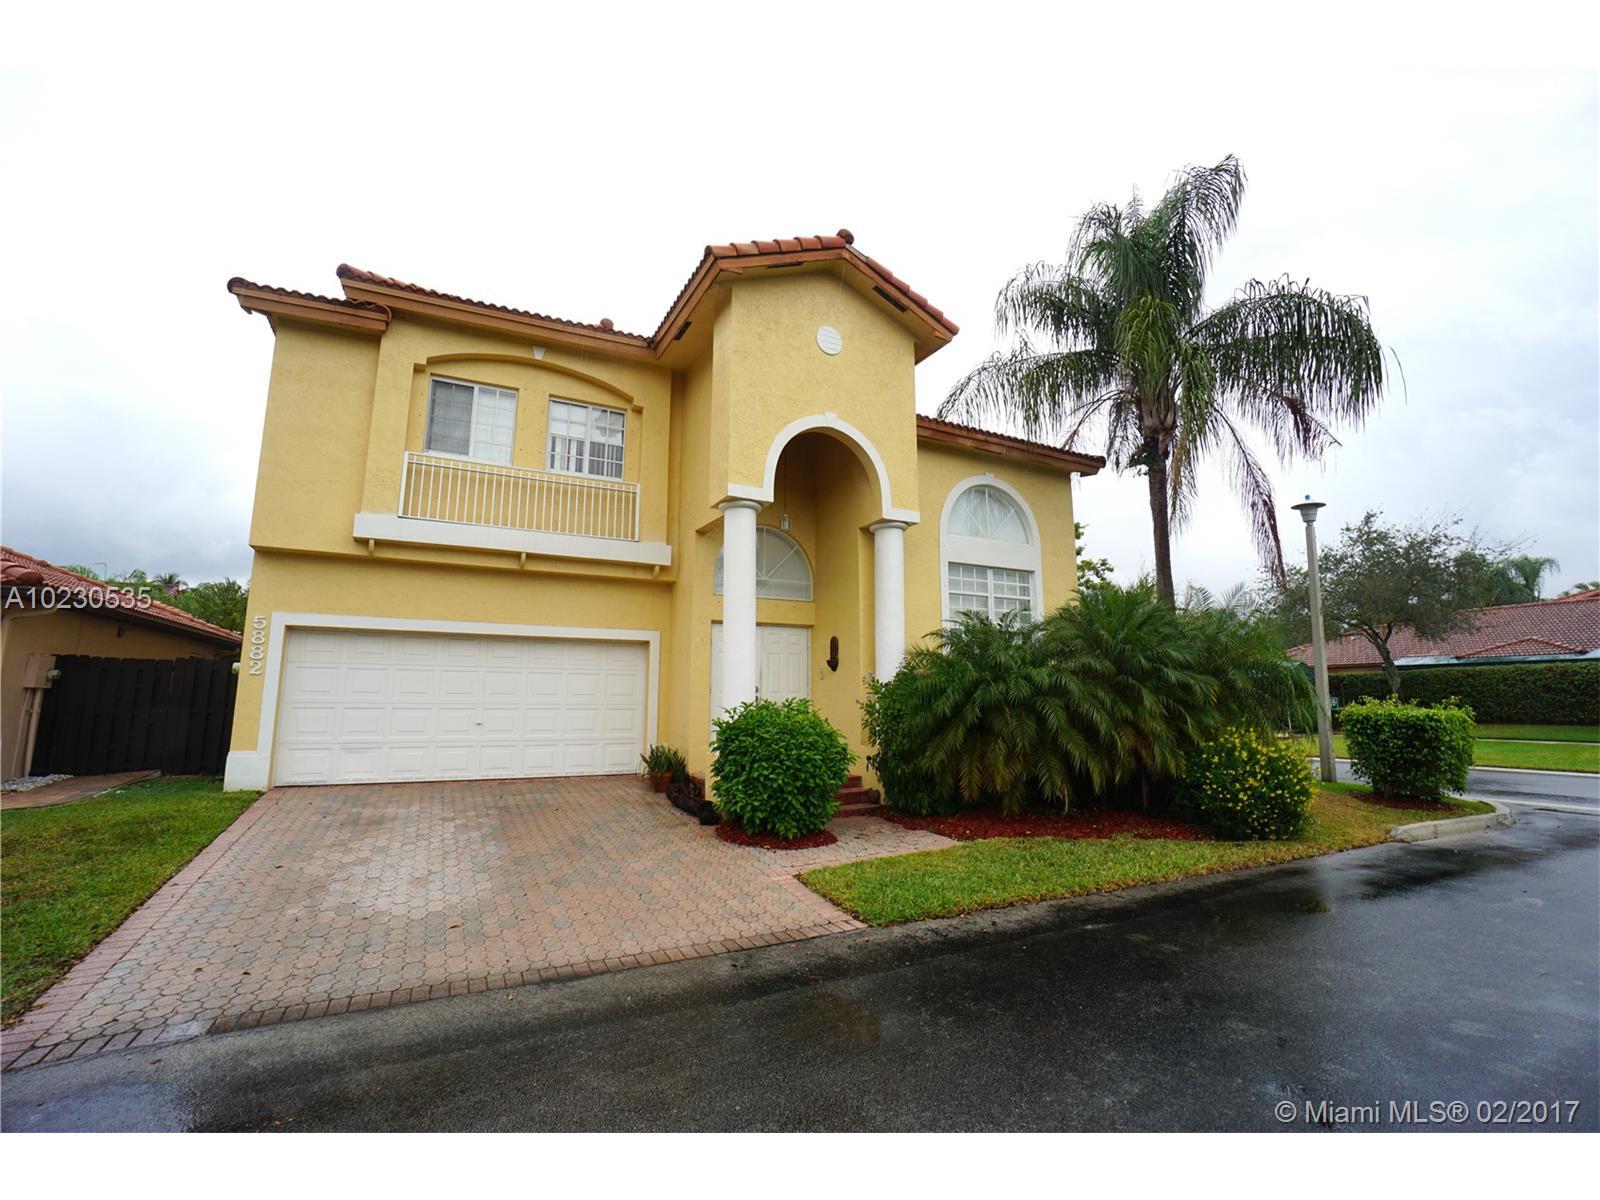 Casa A La Venta En Miami Doral Isles Cayman Geobienes